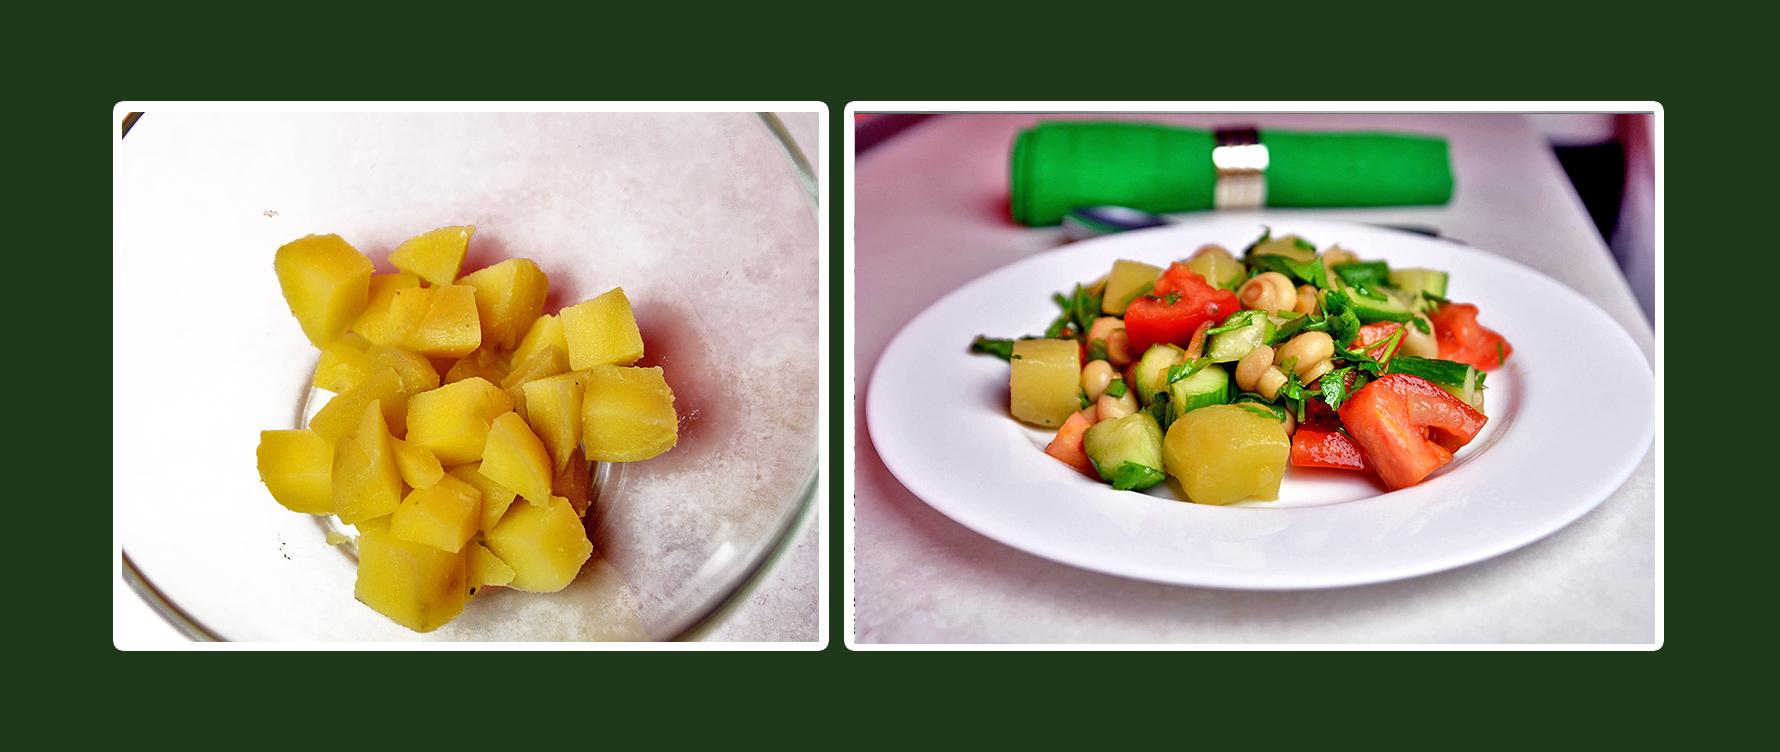 Gemüsesalat mit marinierten Champignons und Kartoffeln